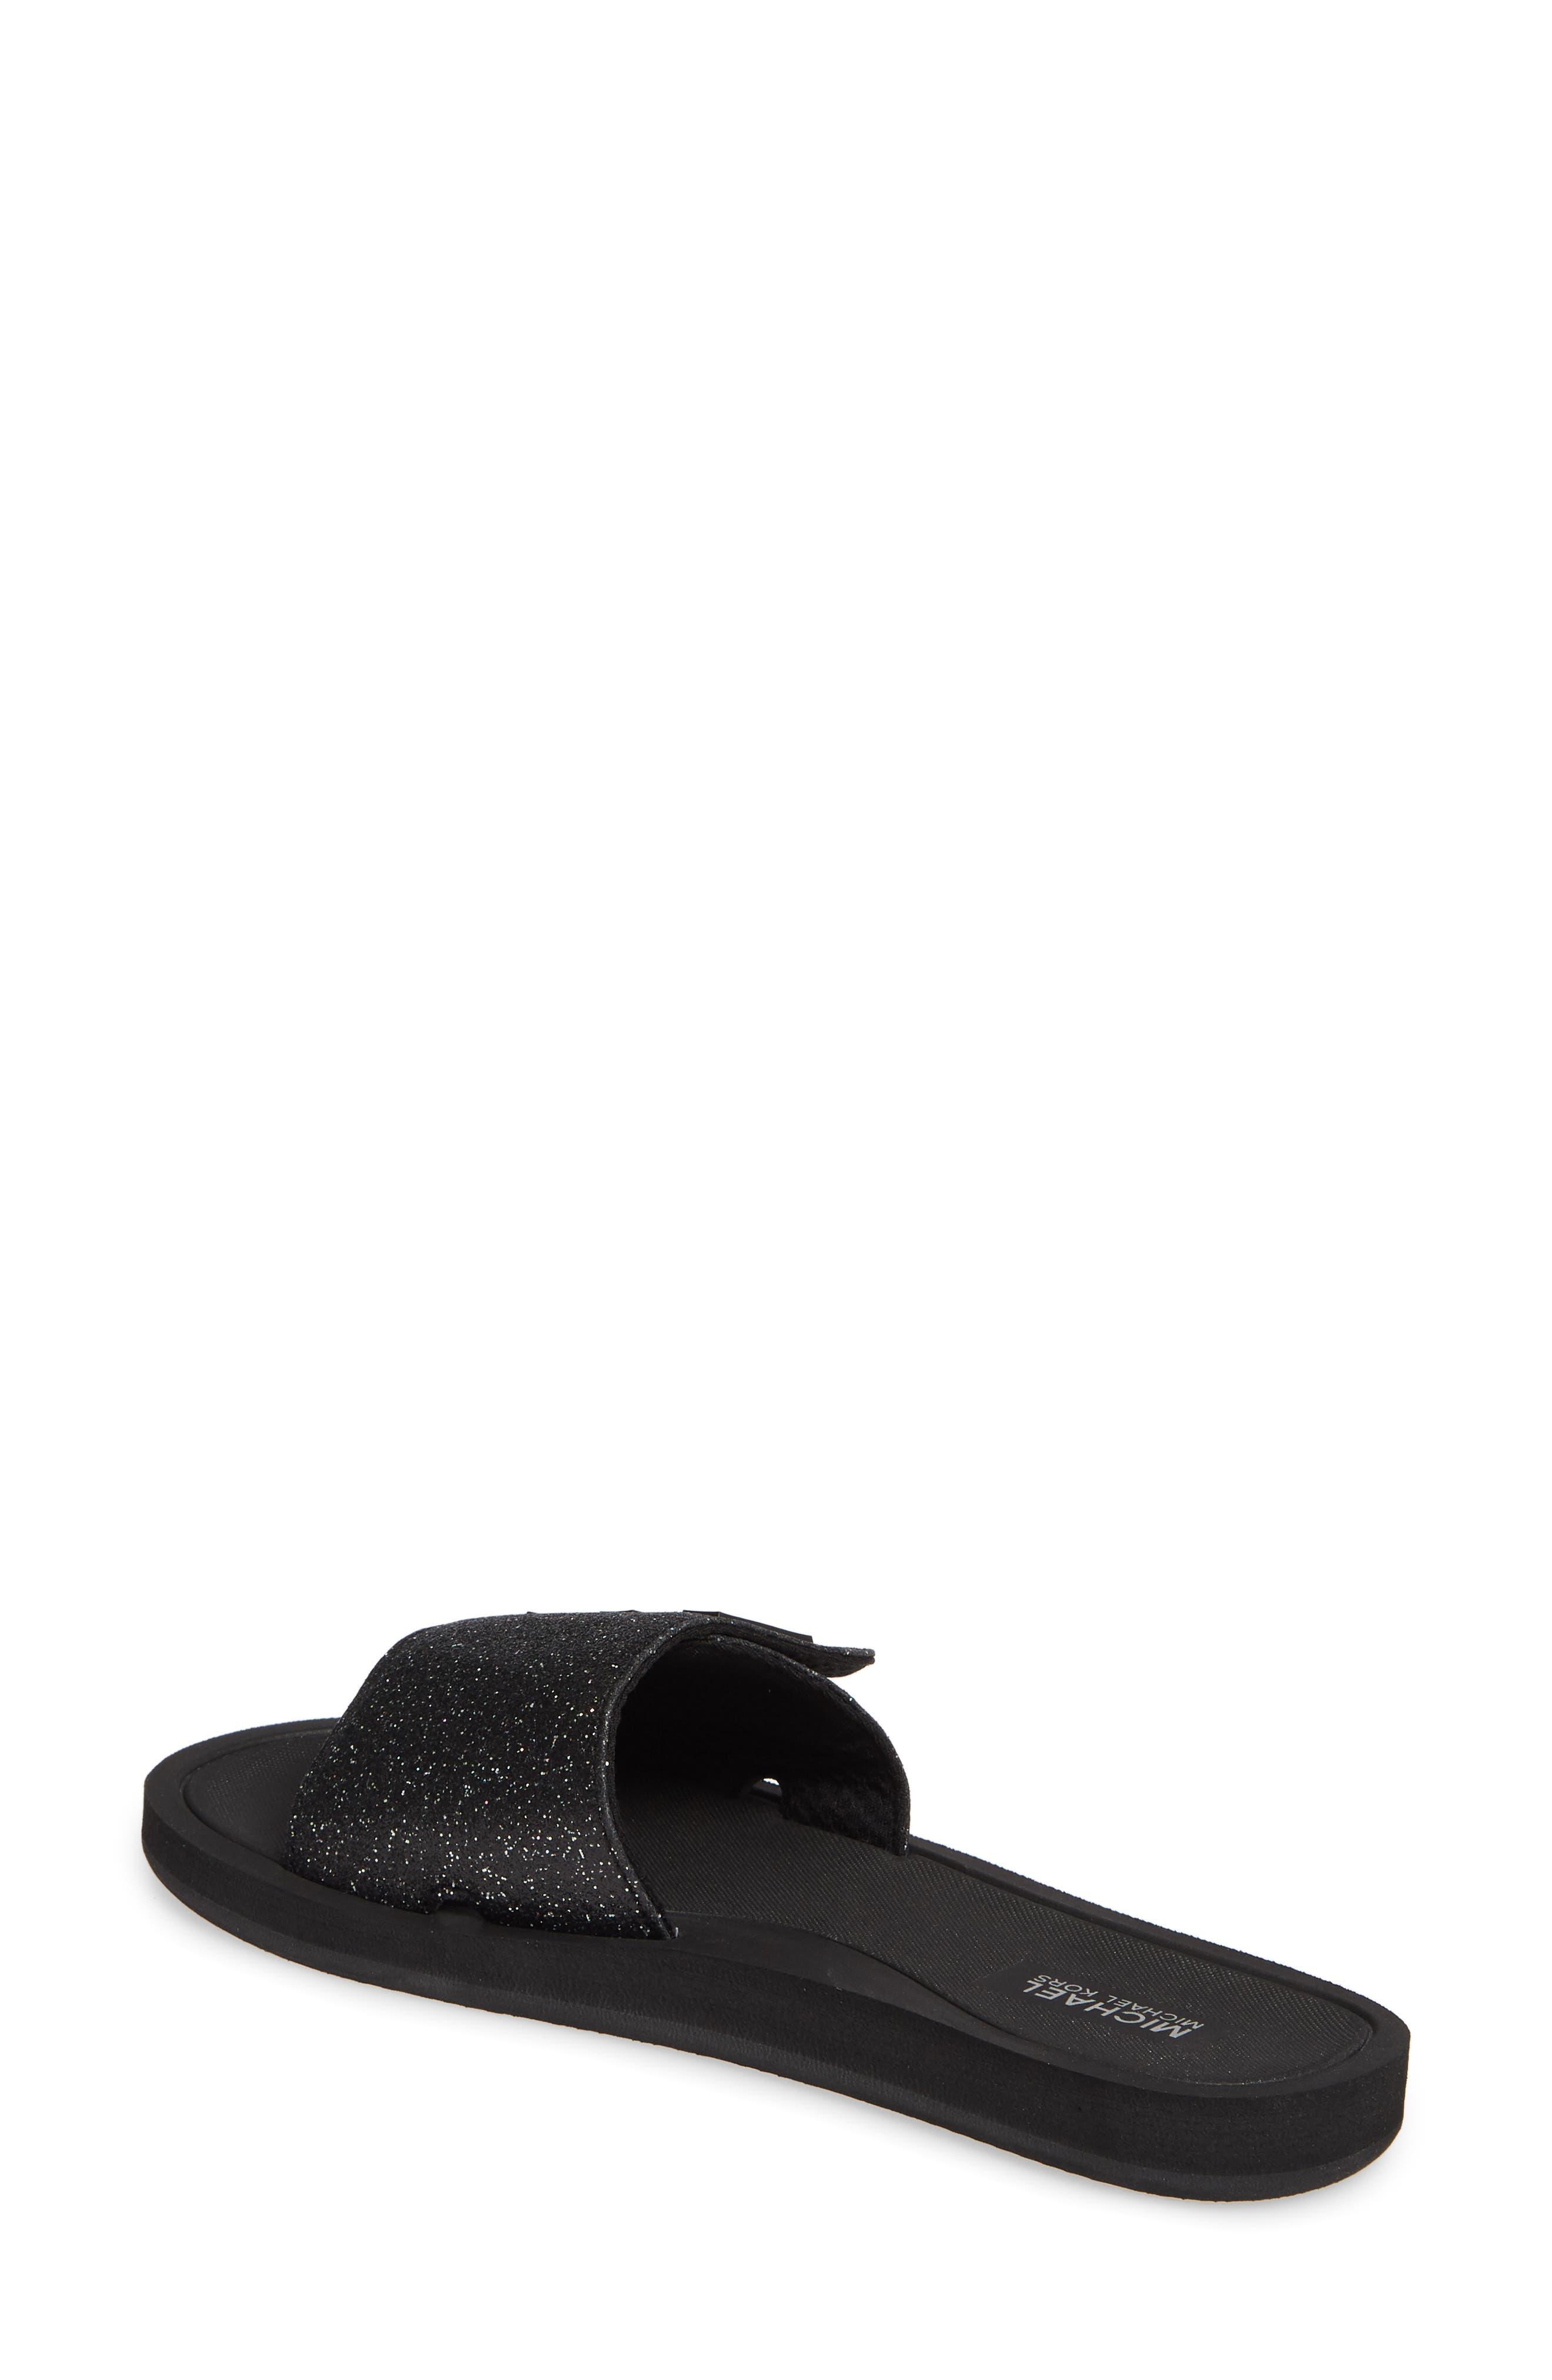 MICHAEL MICHAEL KORS, MK Logo Slide Sandal, Alternate thumbnail 2, color, BLACK GLITTER